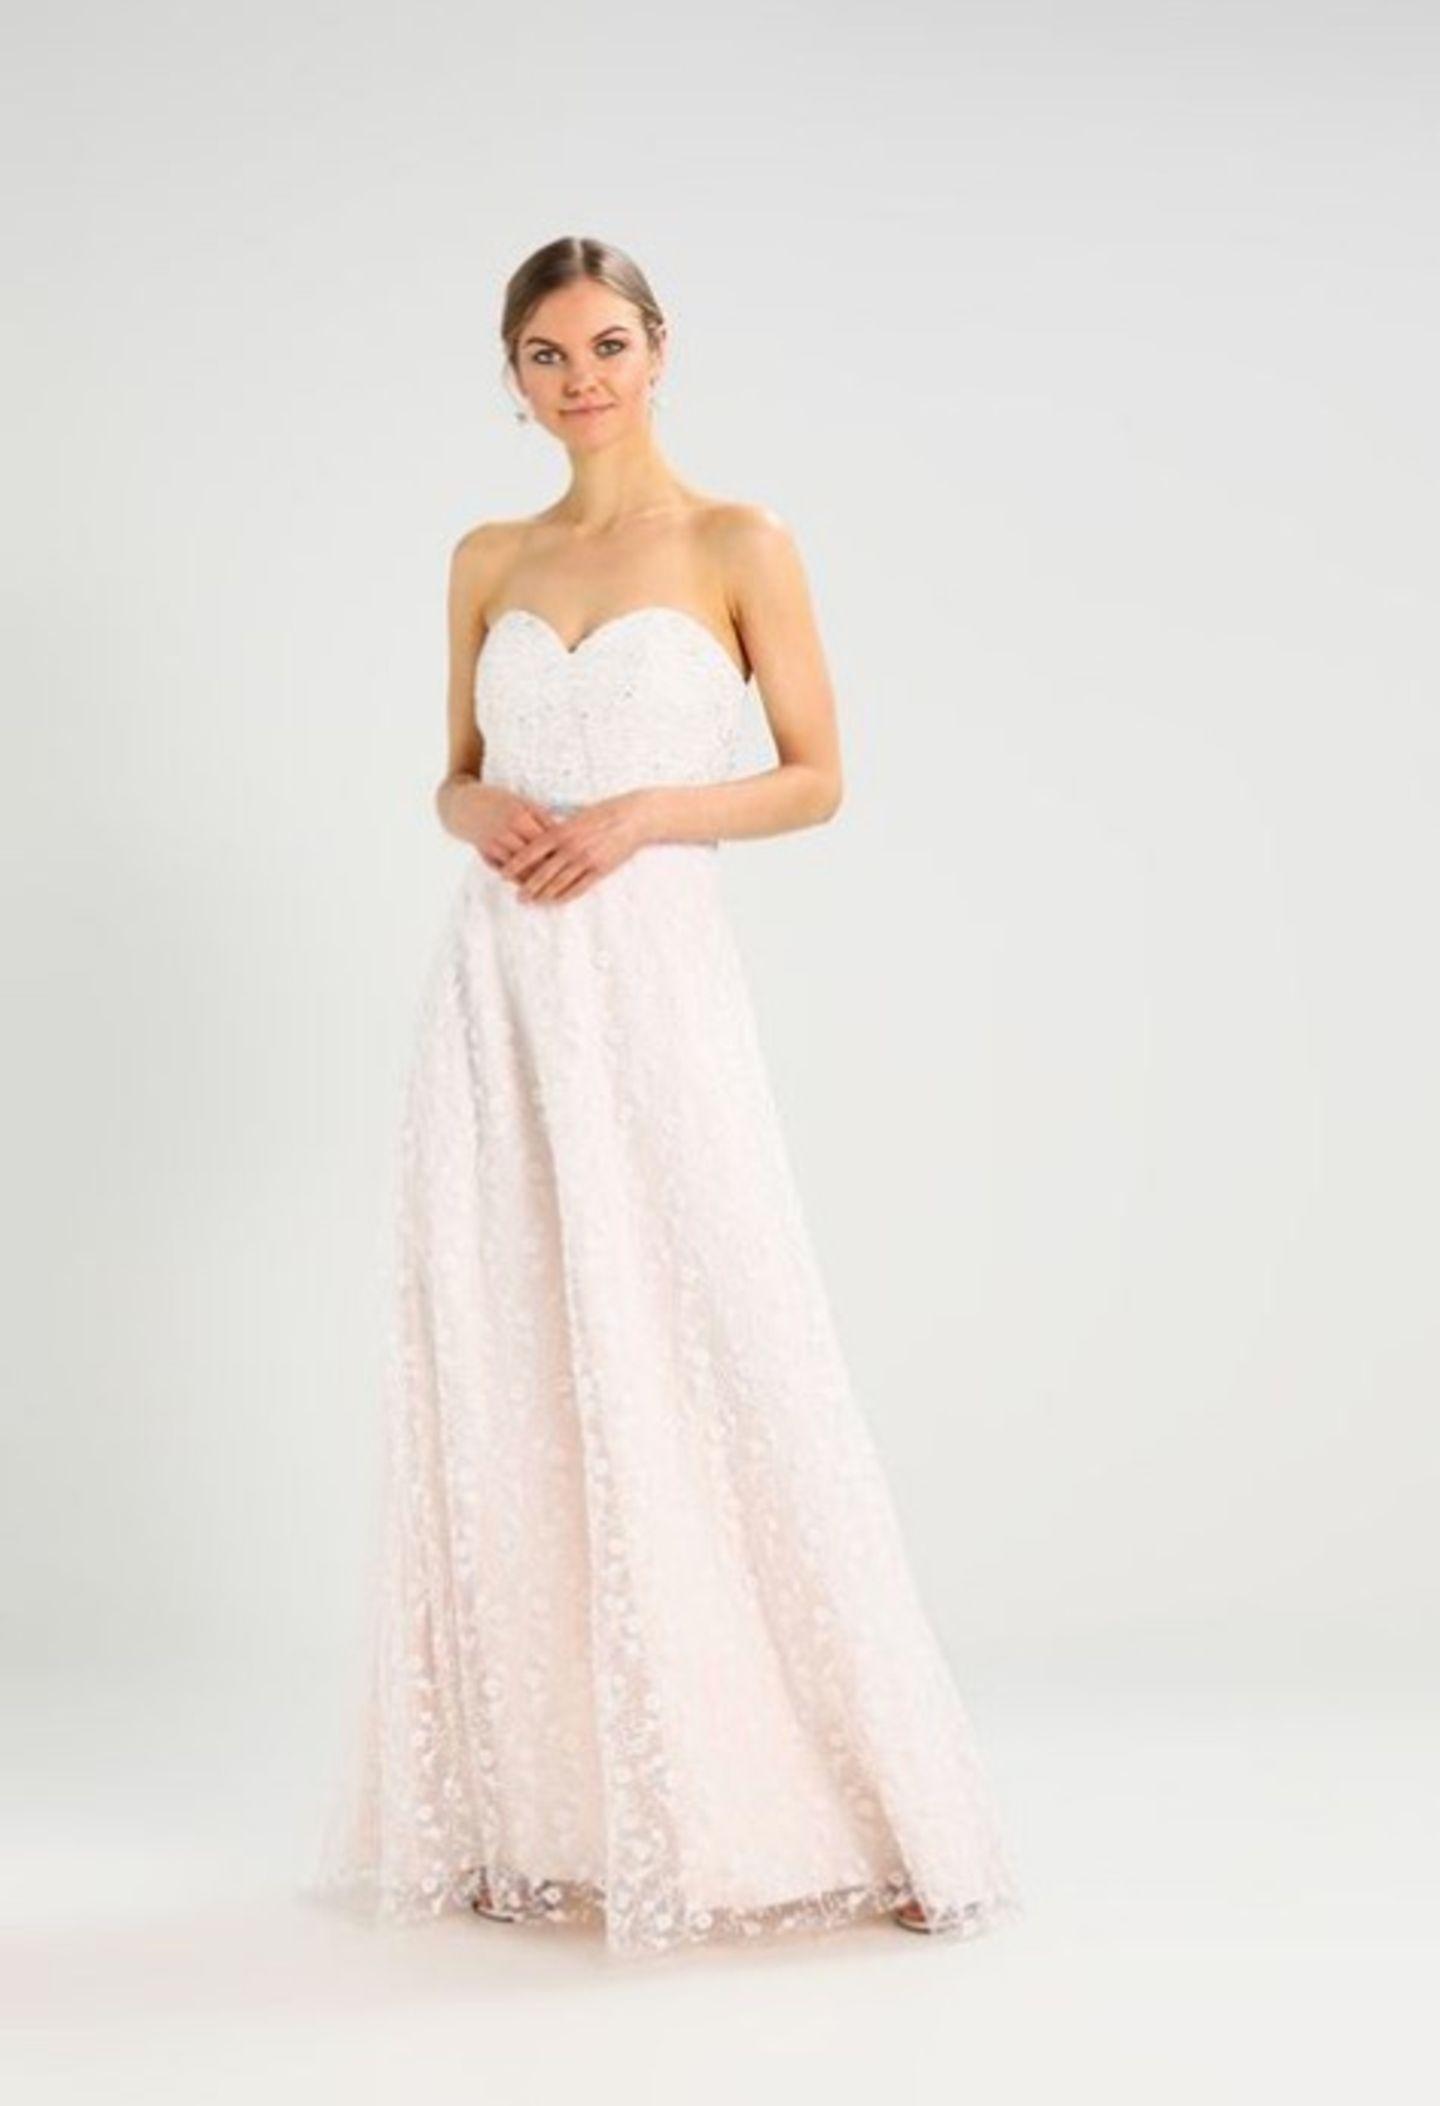 Günstige Brautkleider: Hochzeitskleider unter 12 Euro  BRIGITTE.de